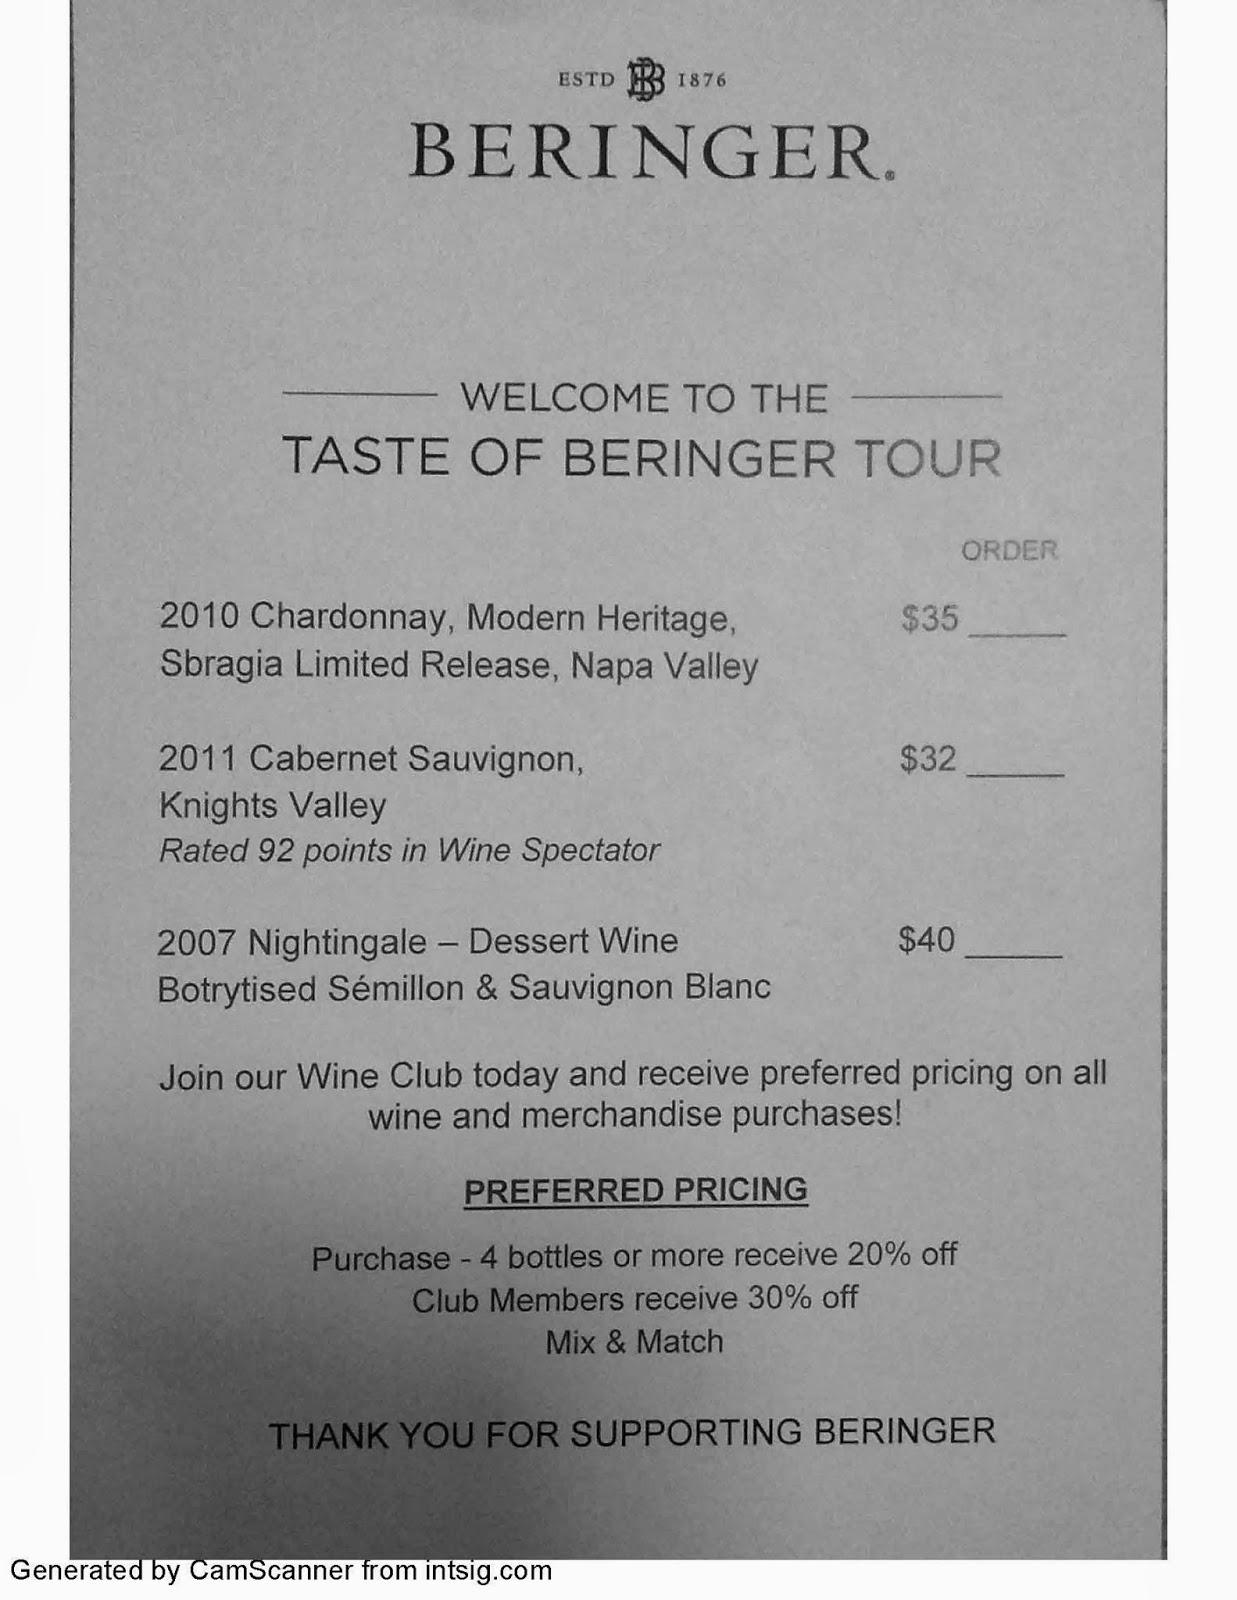 Beringer tour menu